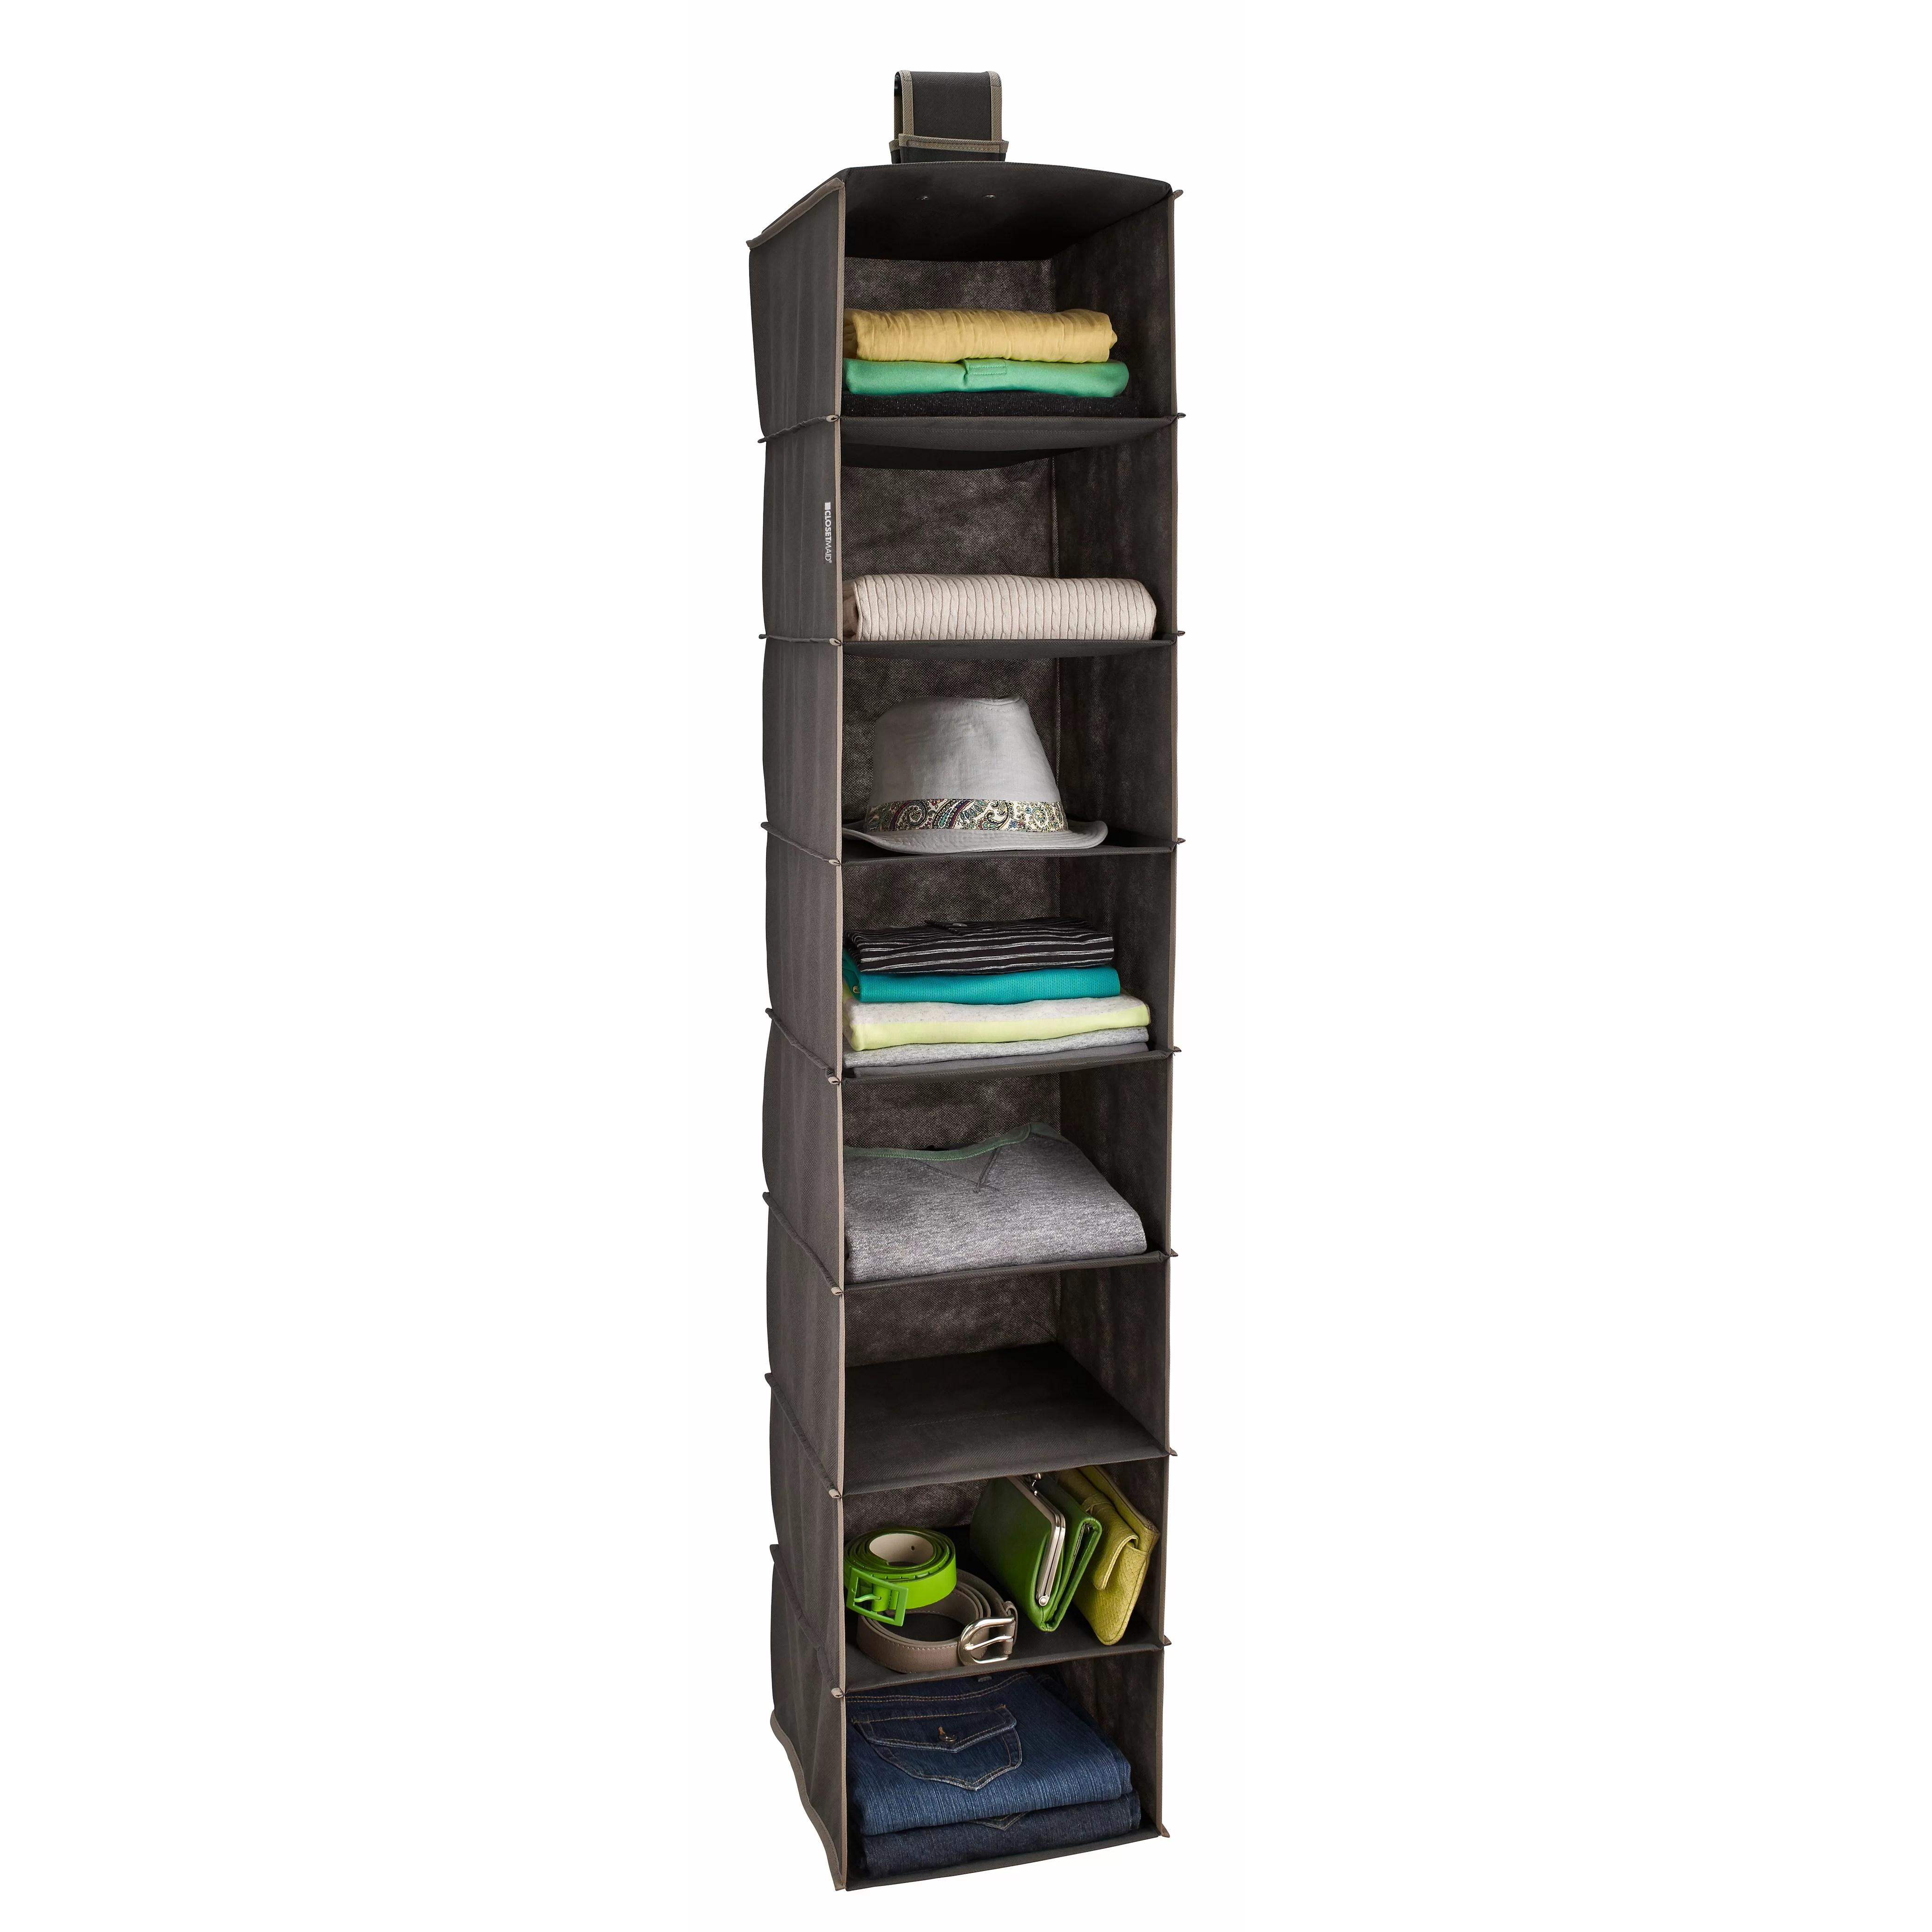 Closetmaid 8 Shelf Closet Hanging Organizer Reviews